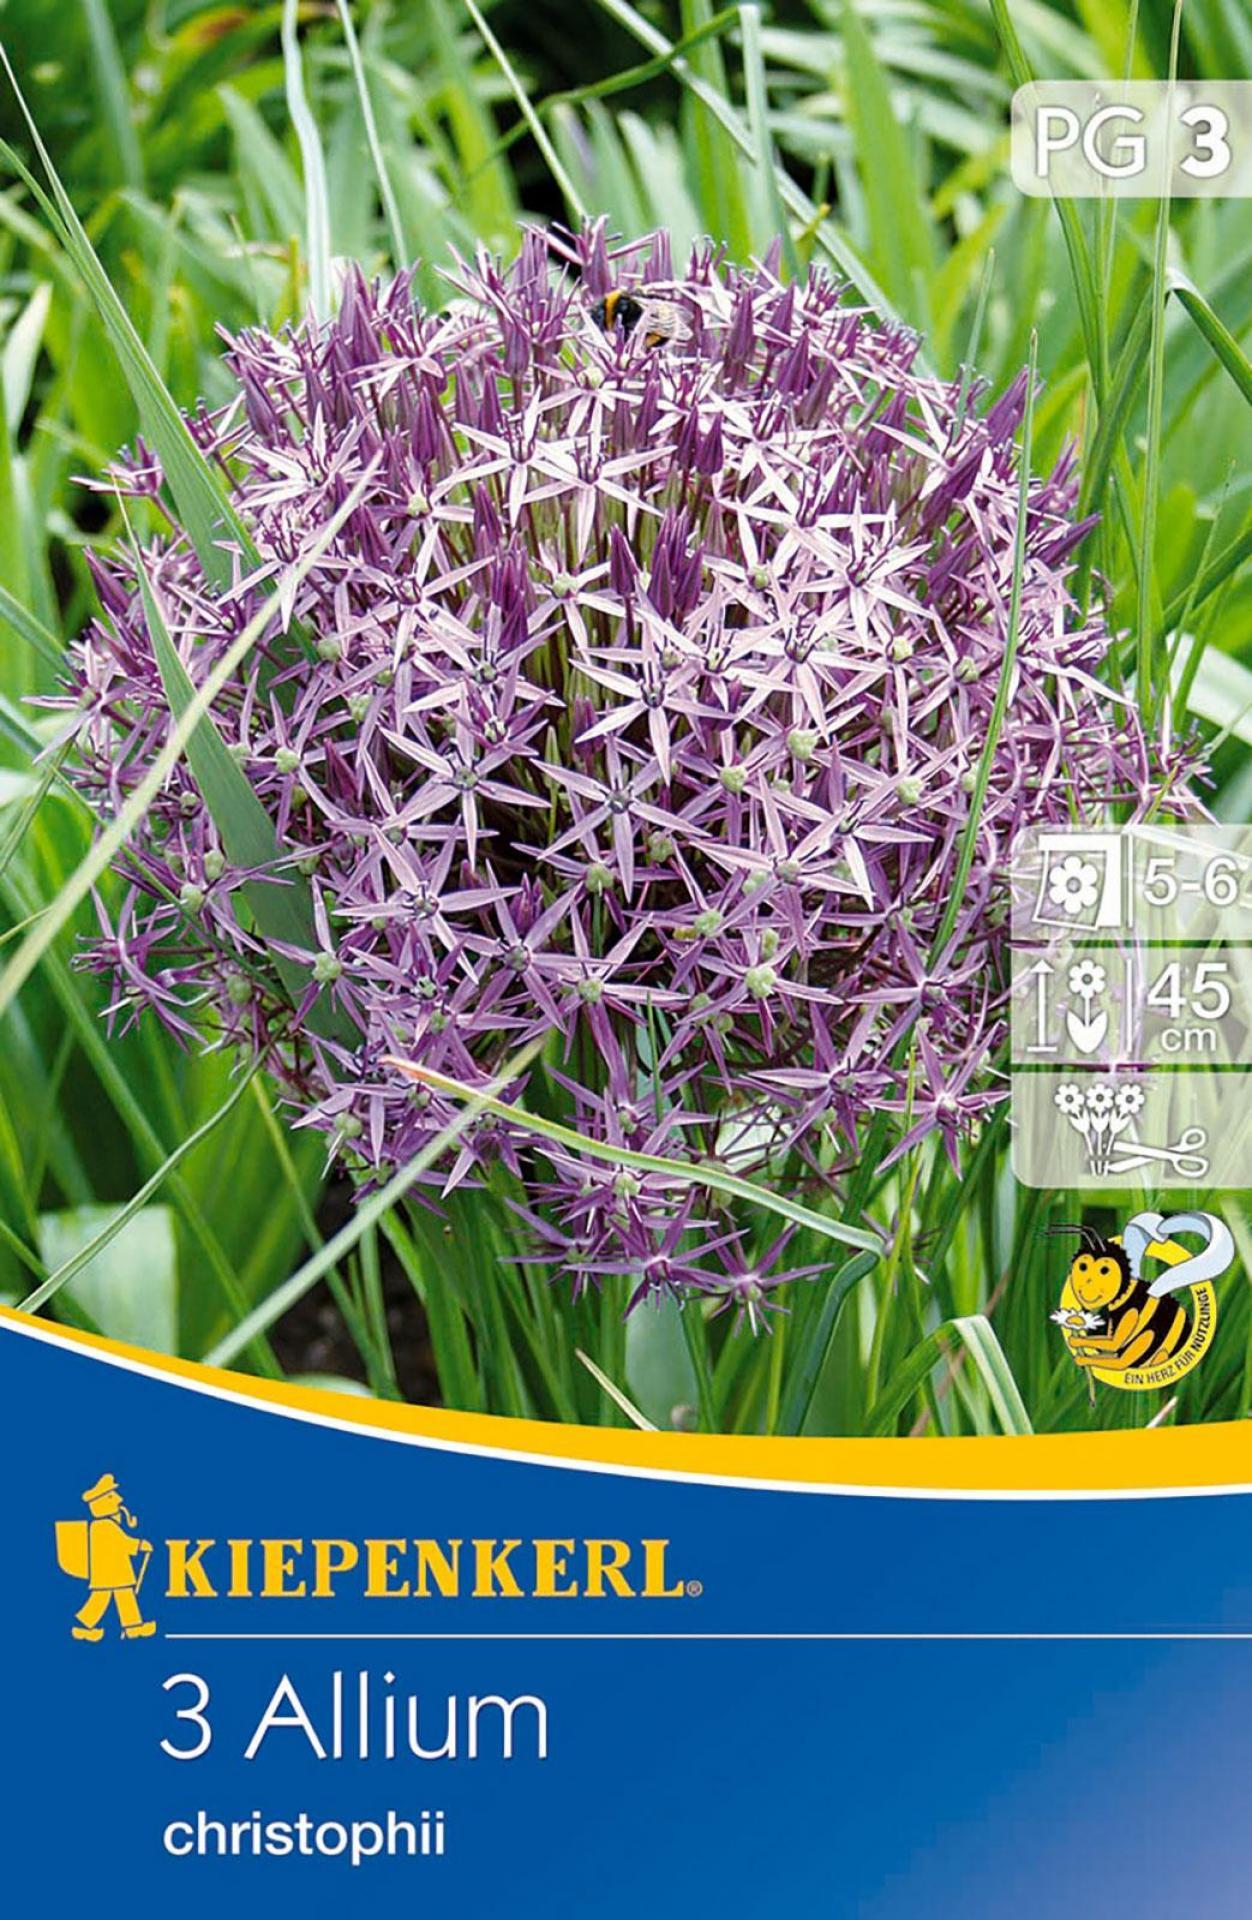 Allium christophii Blumenzwiebel